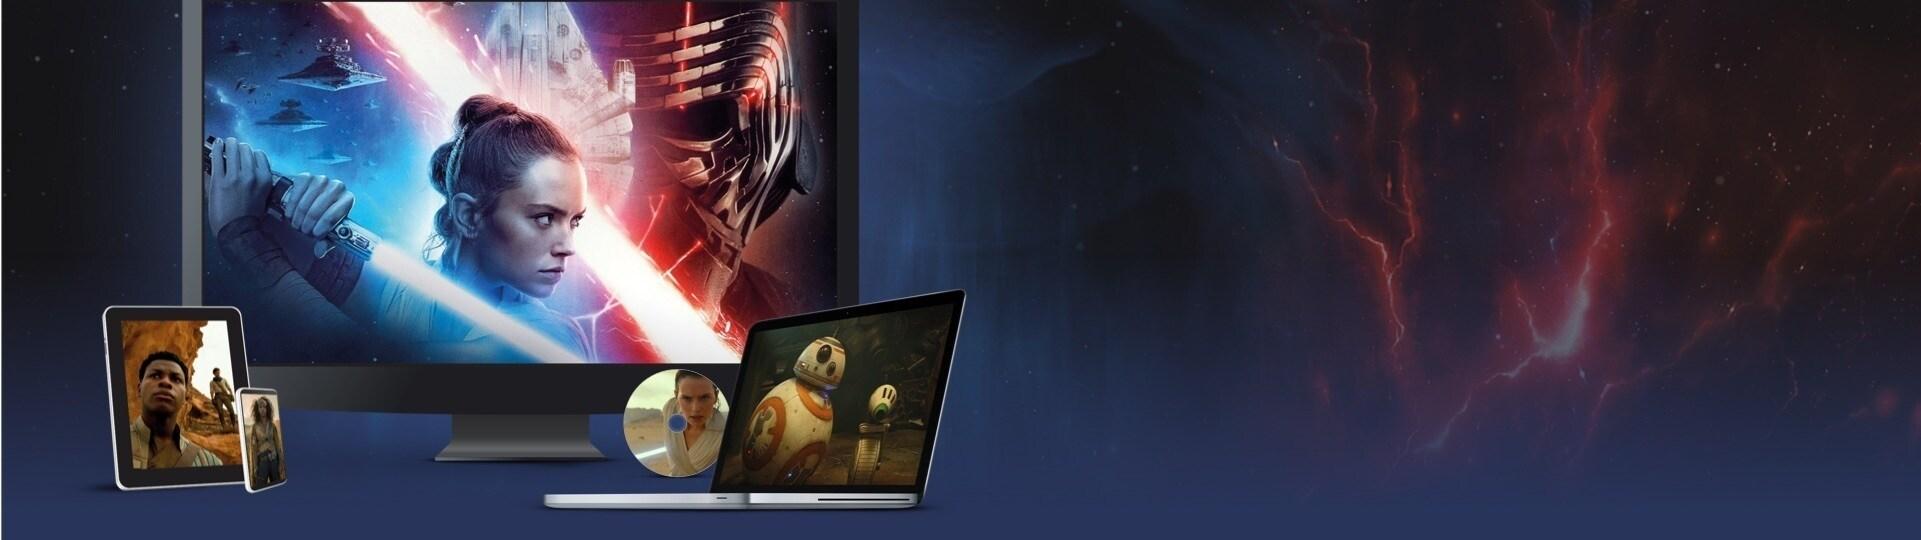 Star Wars: El ascenso de Skywalker, ya disponible en DVD, Blu-ray y compra digital